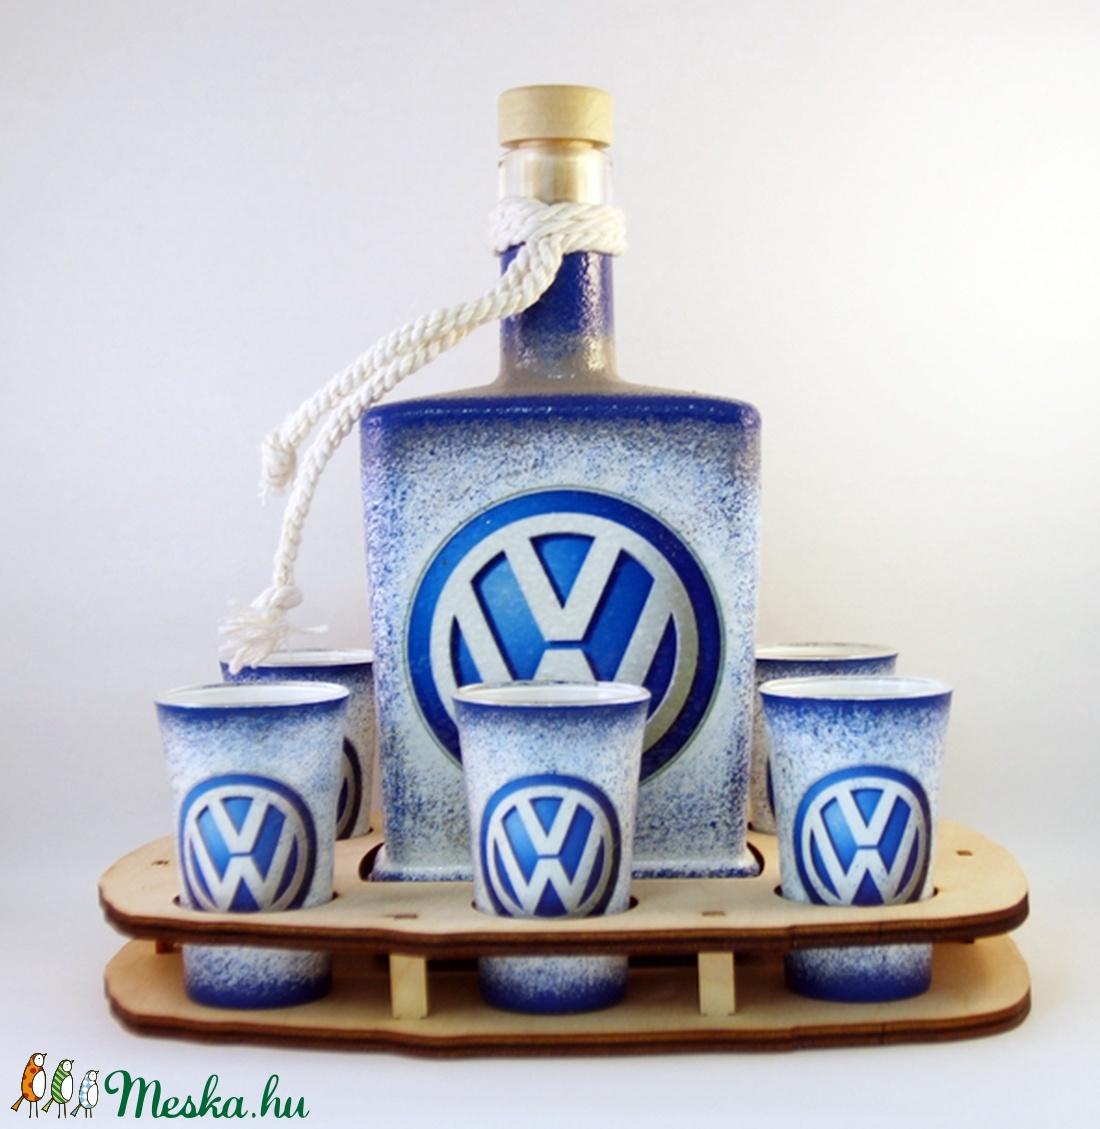 VOLKSWAGEN whiskys szett ; Saját Volkswagen autód fényképével is! - Meska.hu